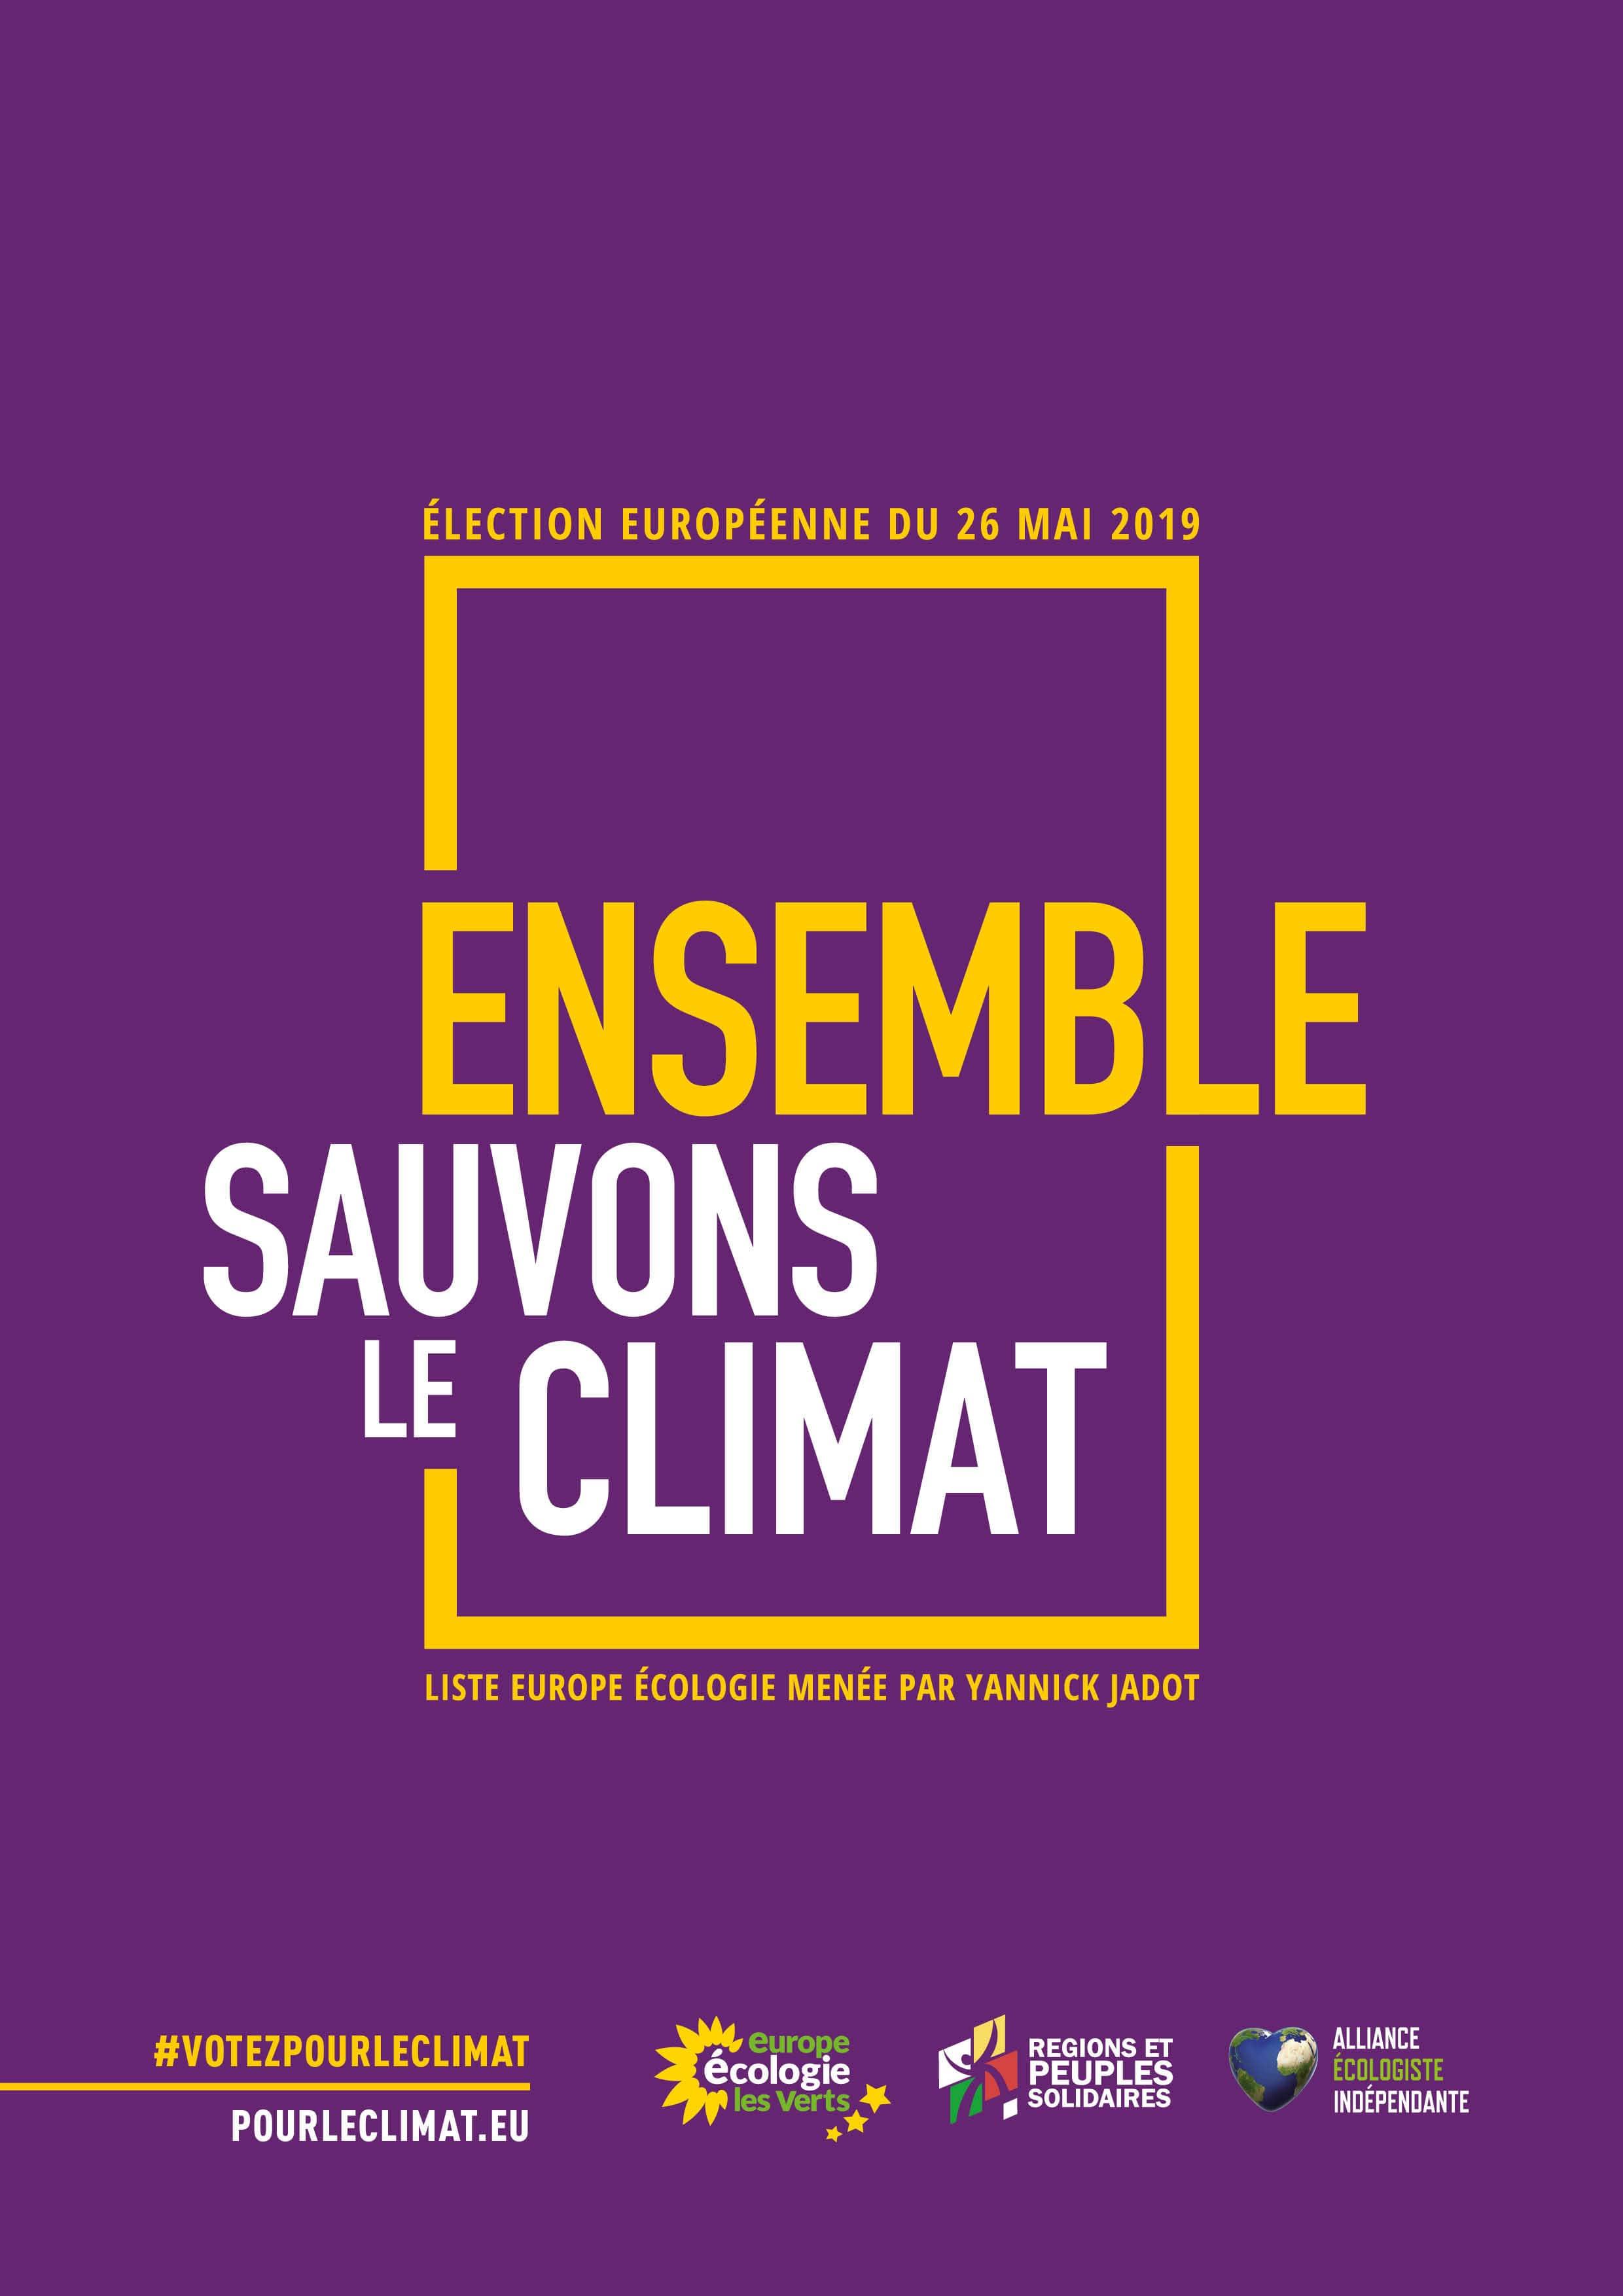 EELV_euro_2019_affiche_A2_generique_violette_web-min.jpg